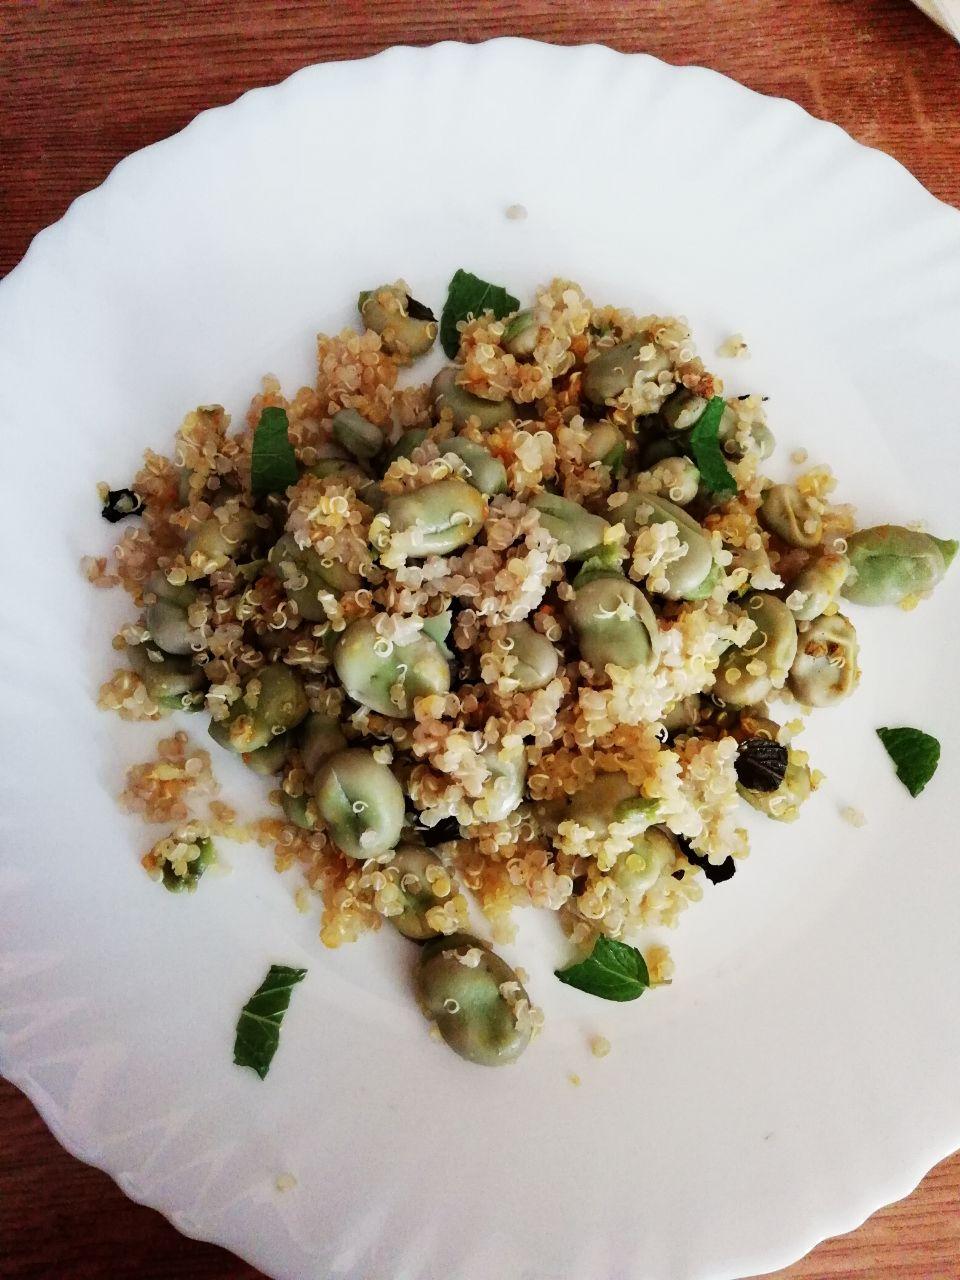 Ricette primaverili: quinoa integrale con fave fresche!